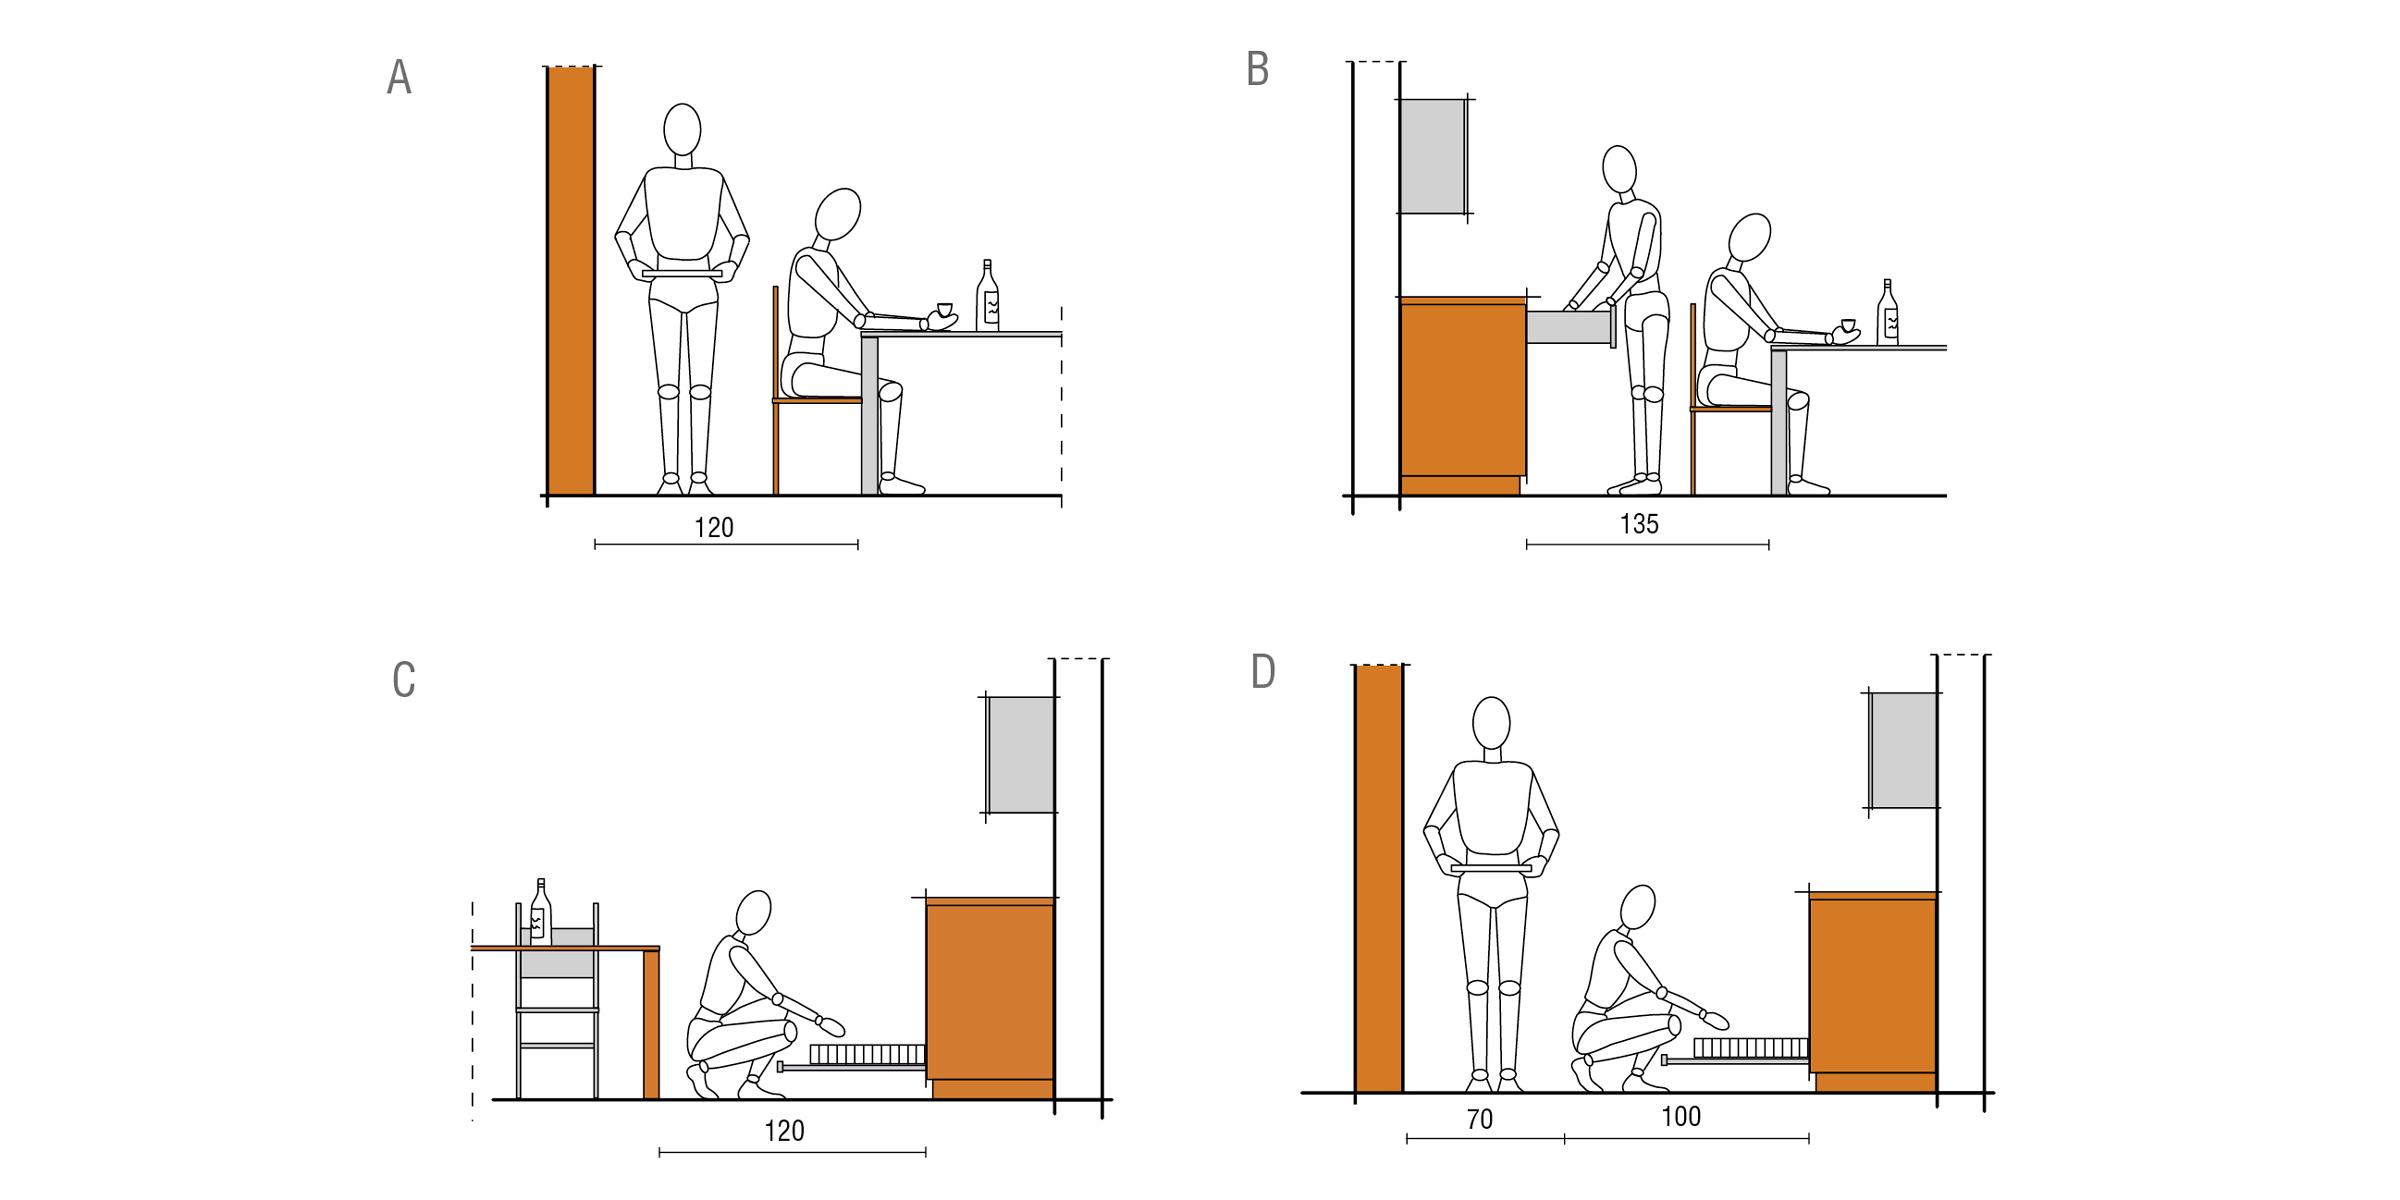 Dimensioni Standard Tavolo Cucina dimensioni minime cucina | progettazione | valcucine